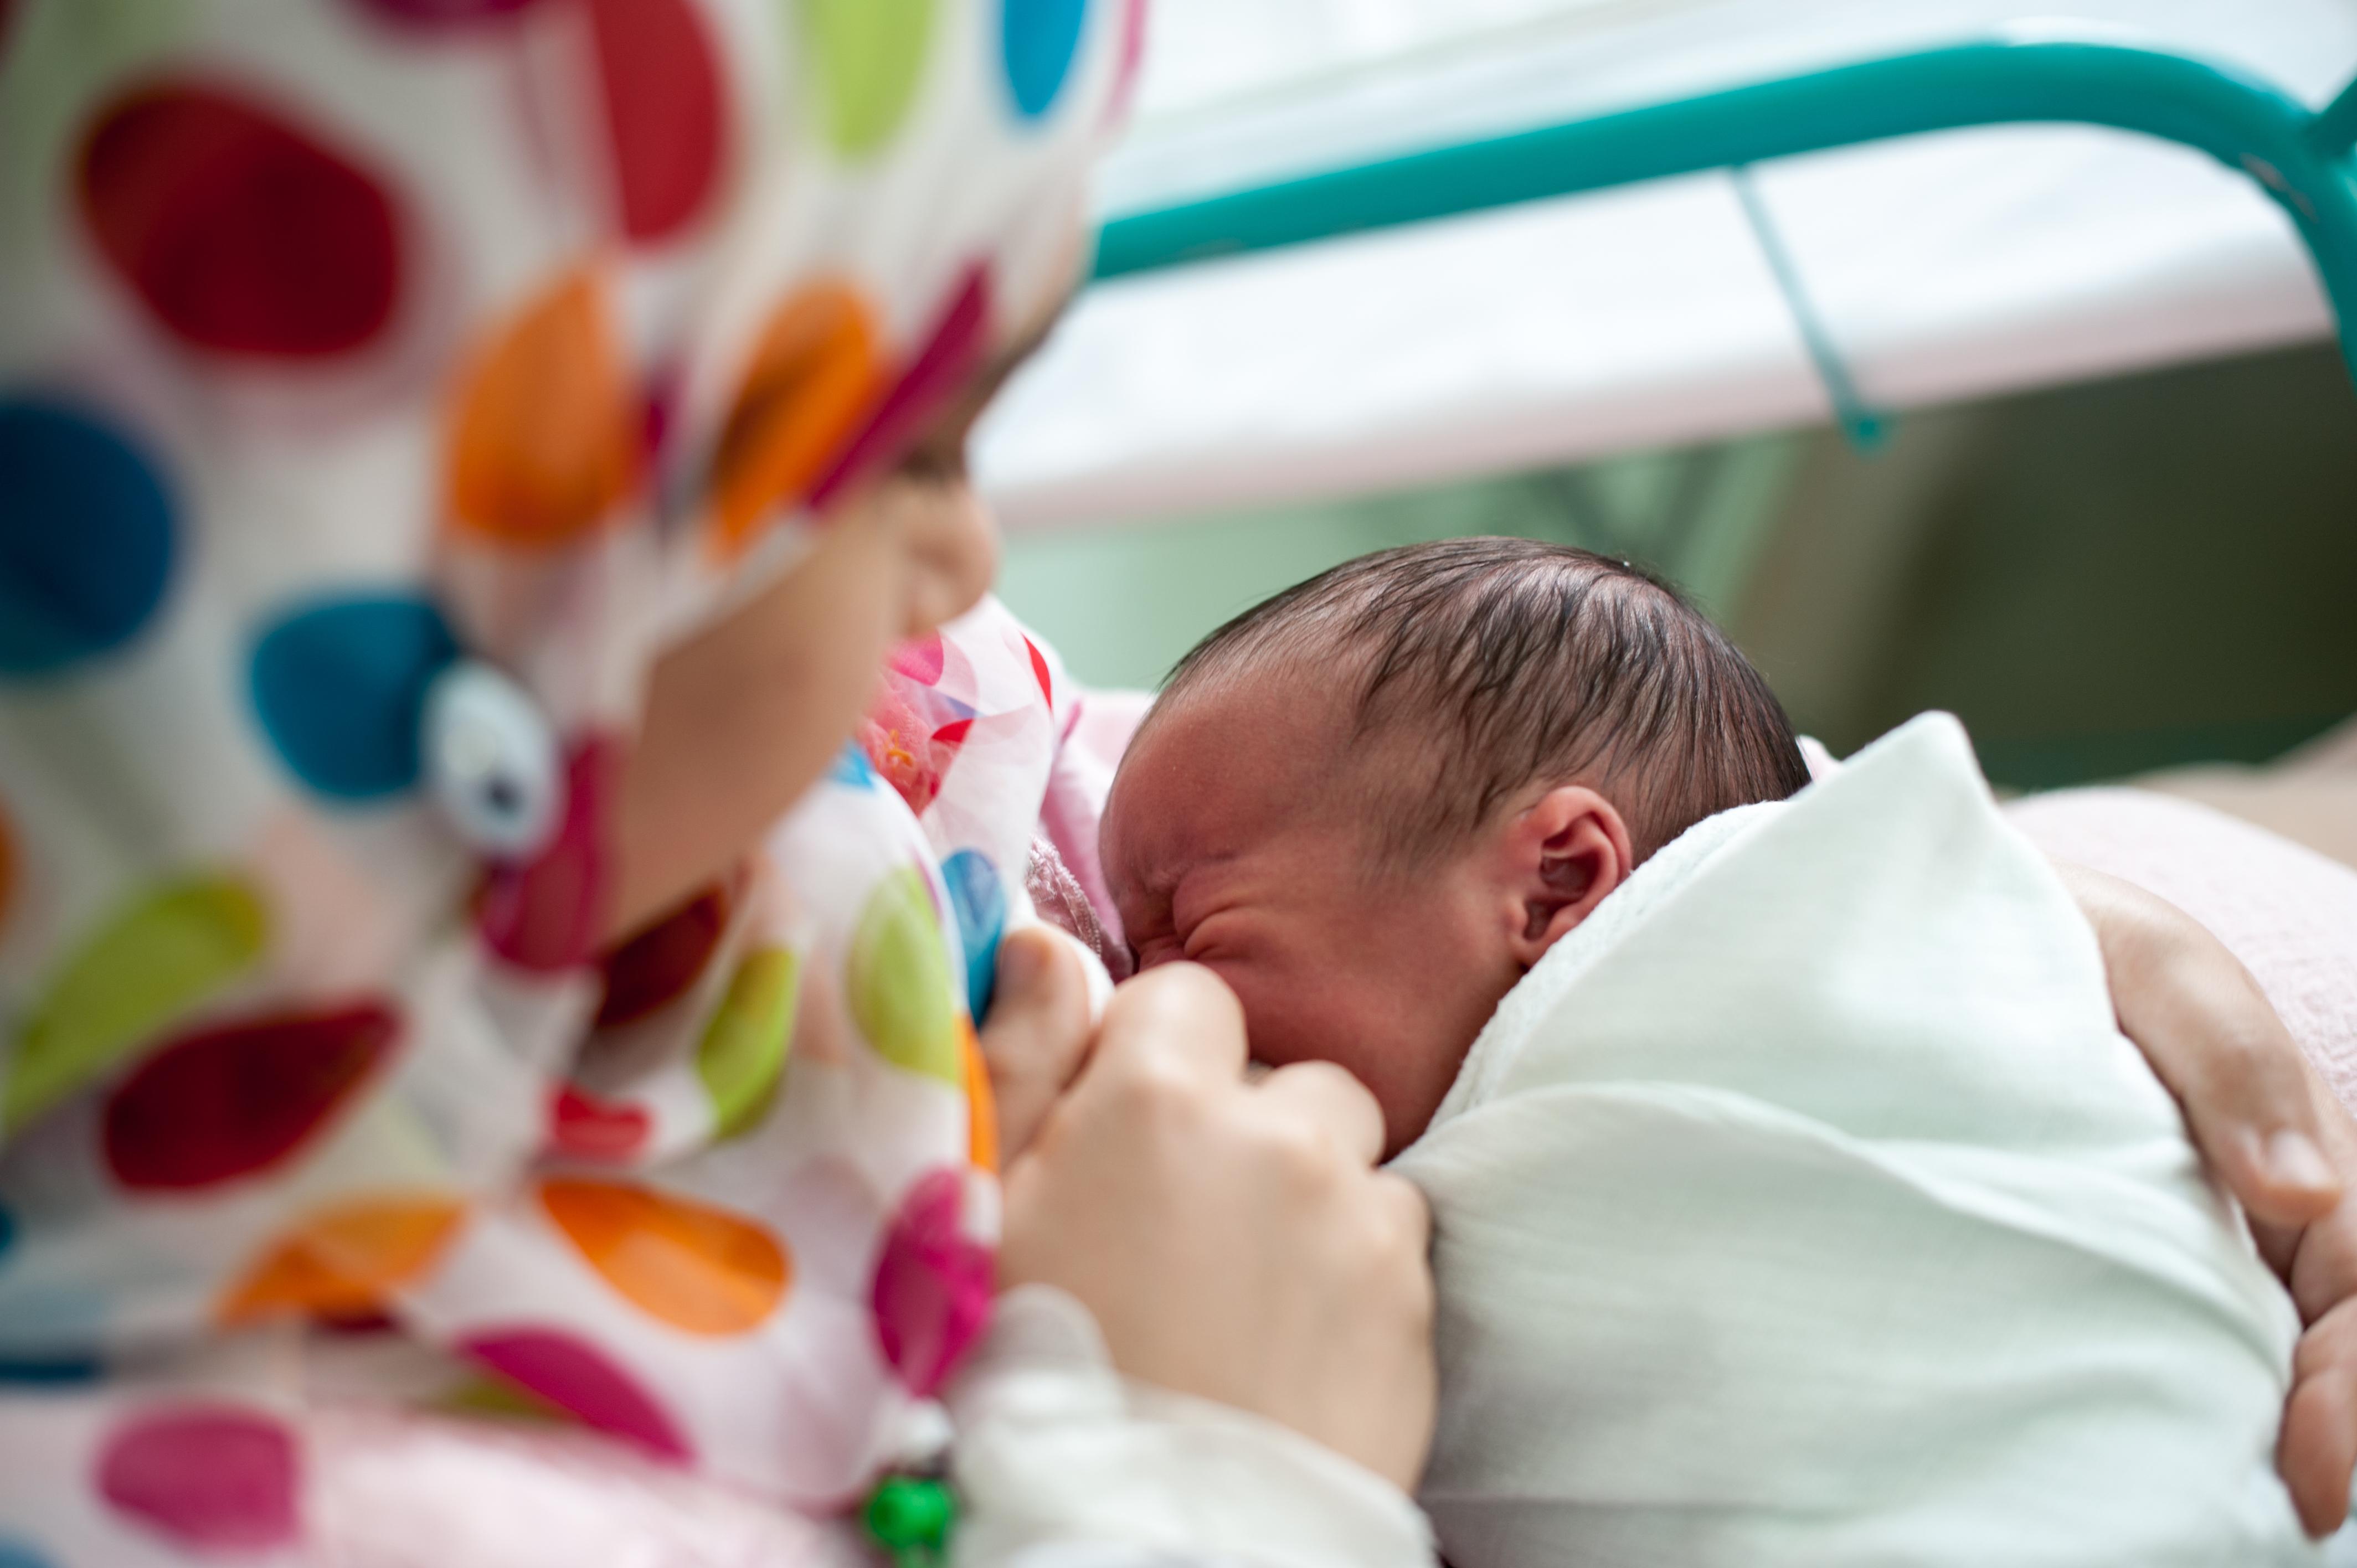 Direkt efter födseln är det vanligt att lägga barnet vid bröstet. Däremot kommer inte mjölkproduktionen igång på en gång vilket inte är någon fara då barnet har näring kvar från tiden i livmodern.